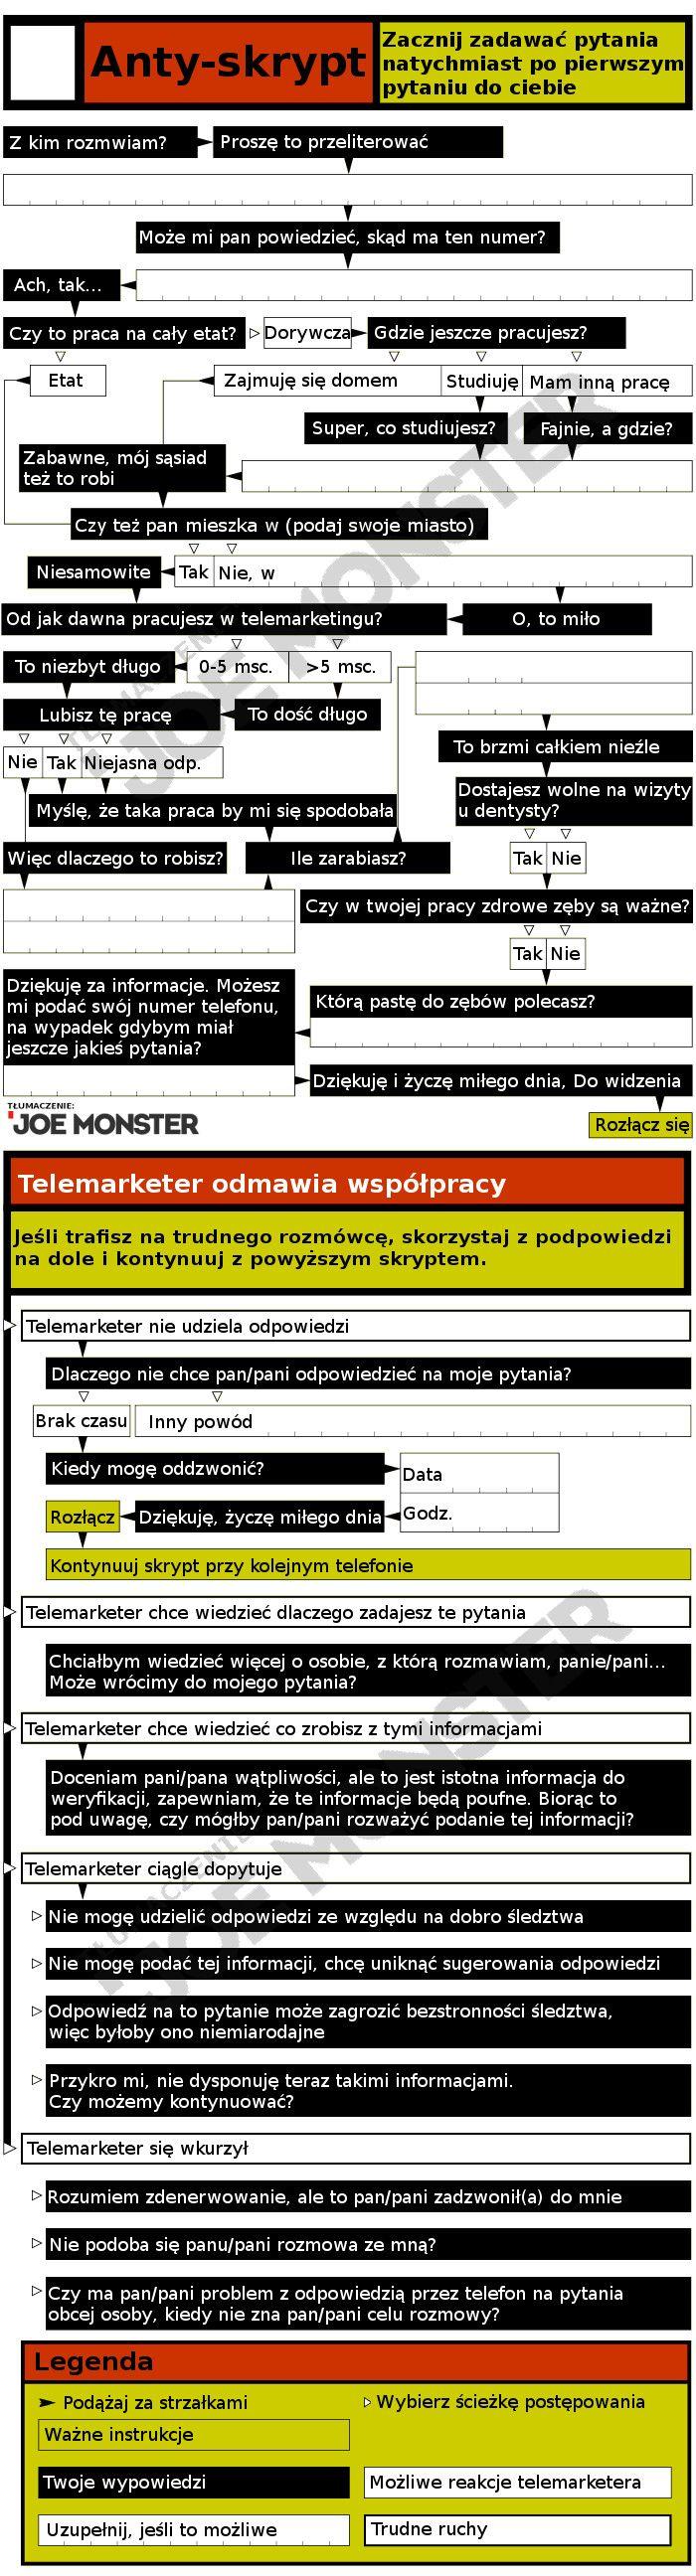 Niezawodny sposób na pozbycie się natrętnych telemarketerów - Joe Monster